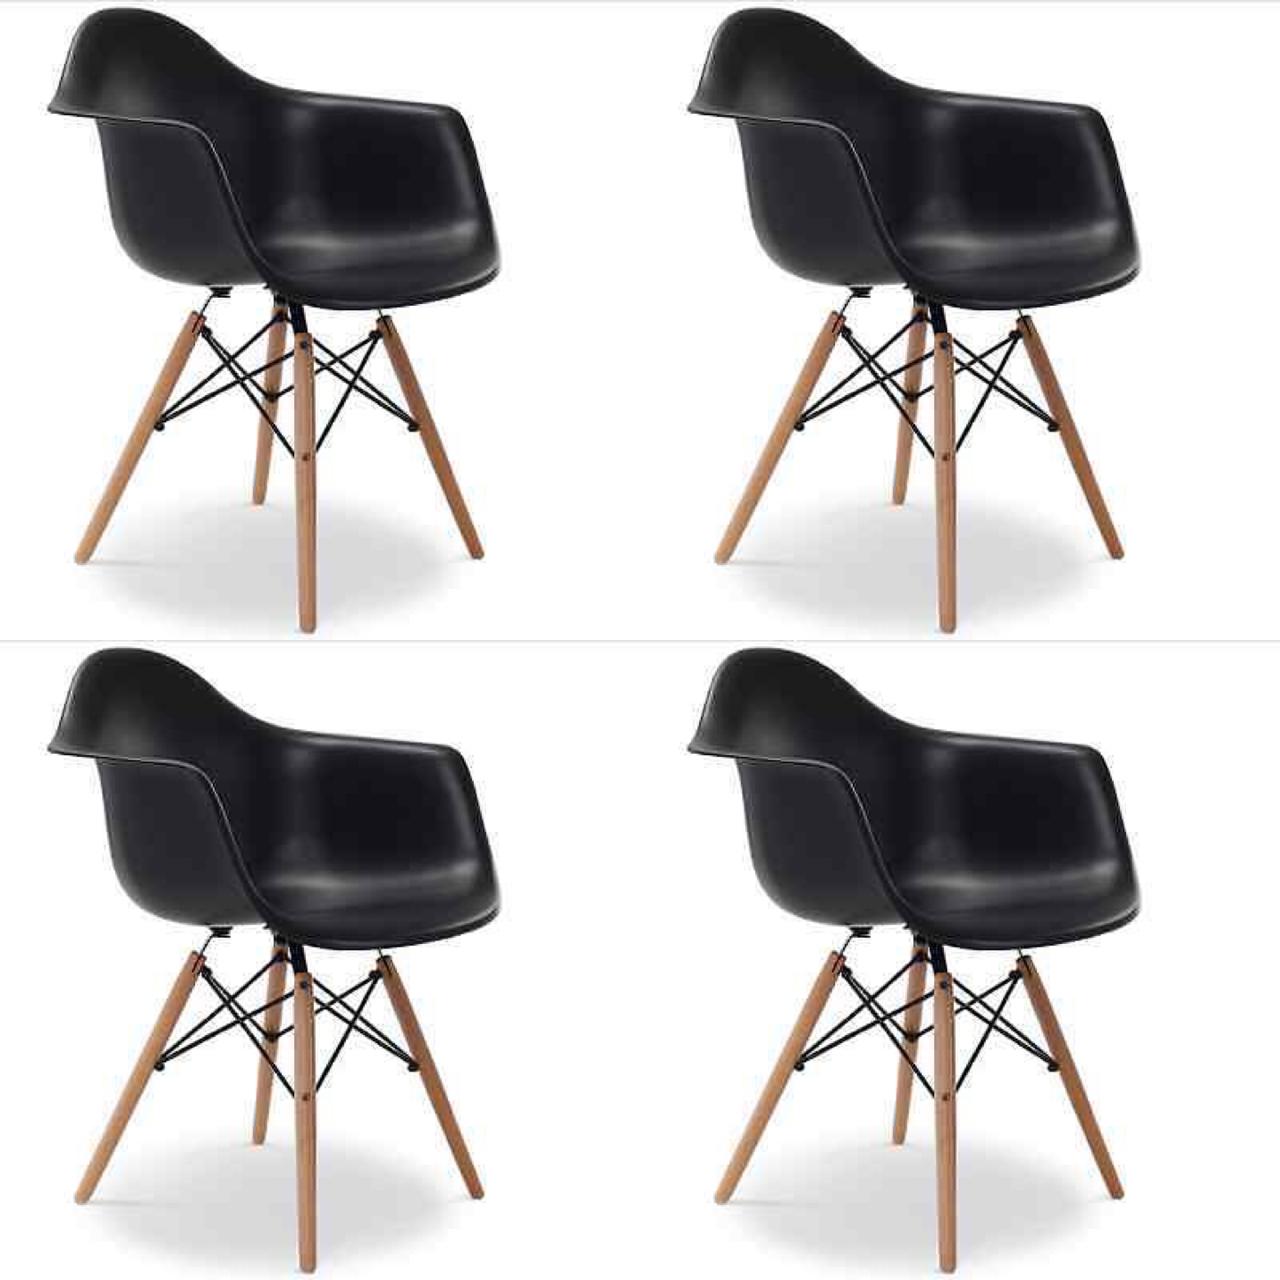 4er set st hle design eiffel stuhl esszimmerstuhl. Black Bedroom Furniture Sets. Home Design Ideas